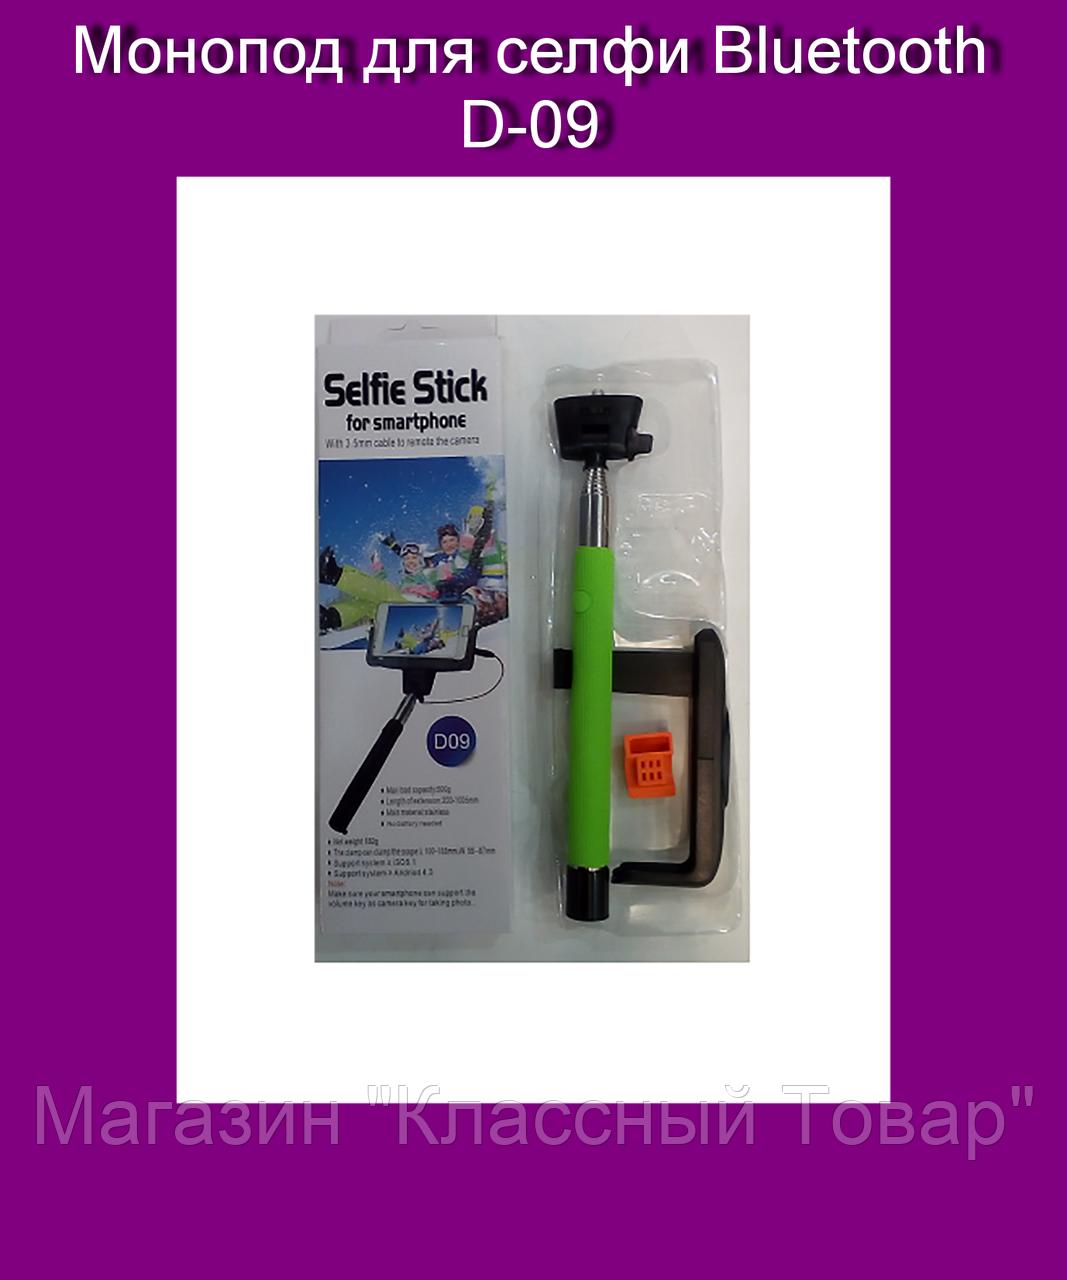 Монопод для селфи Bluetooth D-09! Лучший подарок